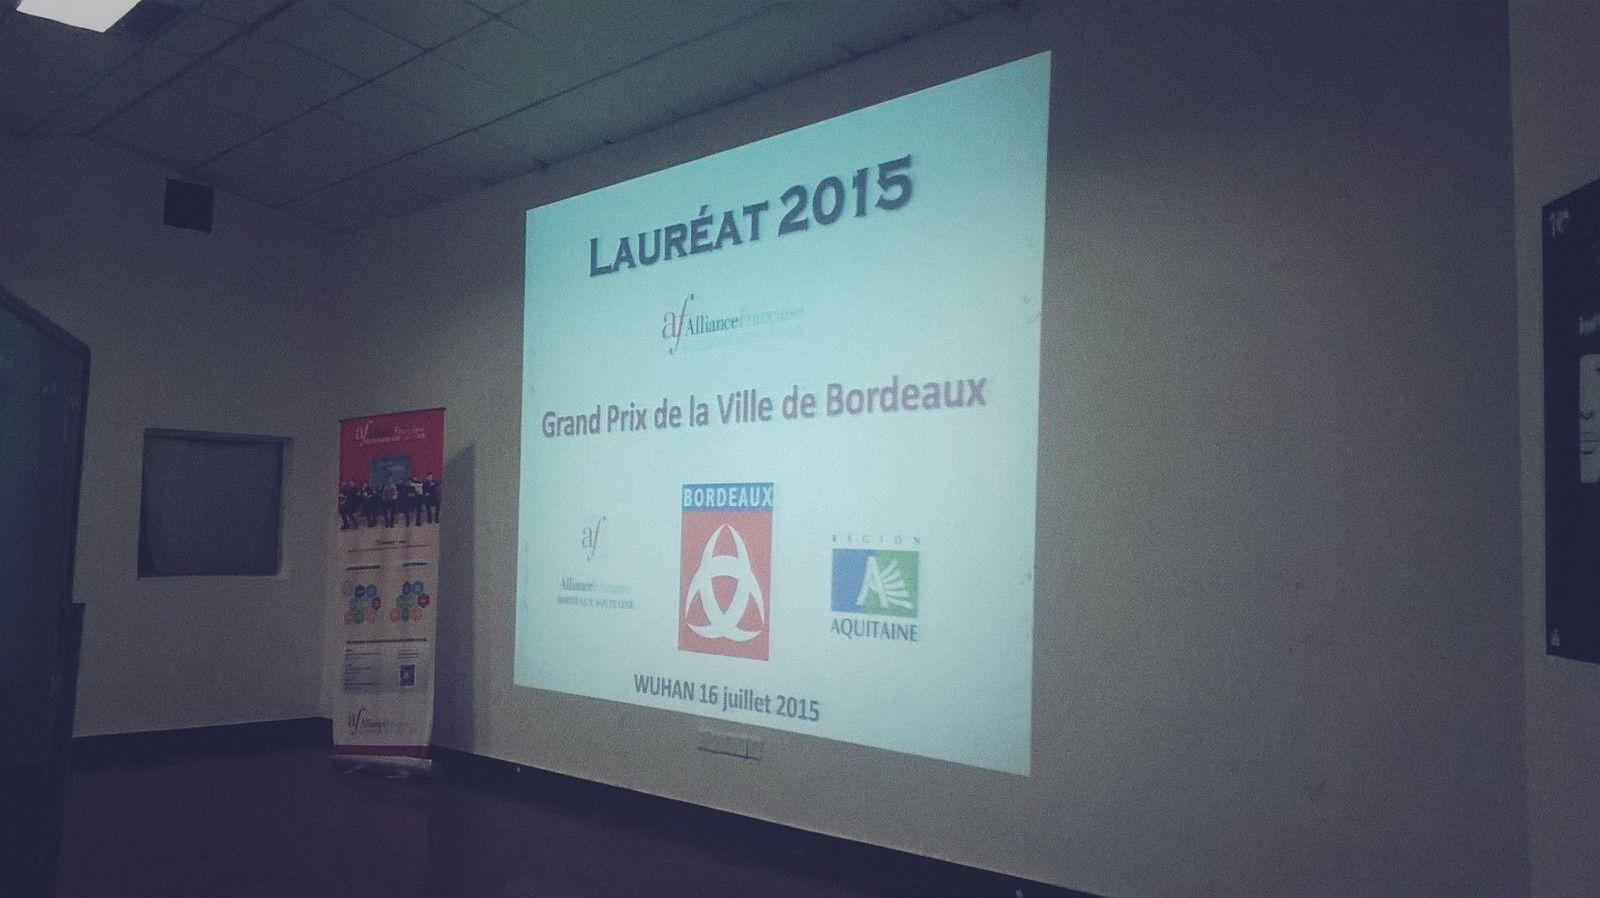 Remise du Grand Prix de la Ville de Bordeaux 2015 à Alice